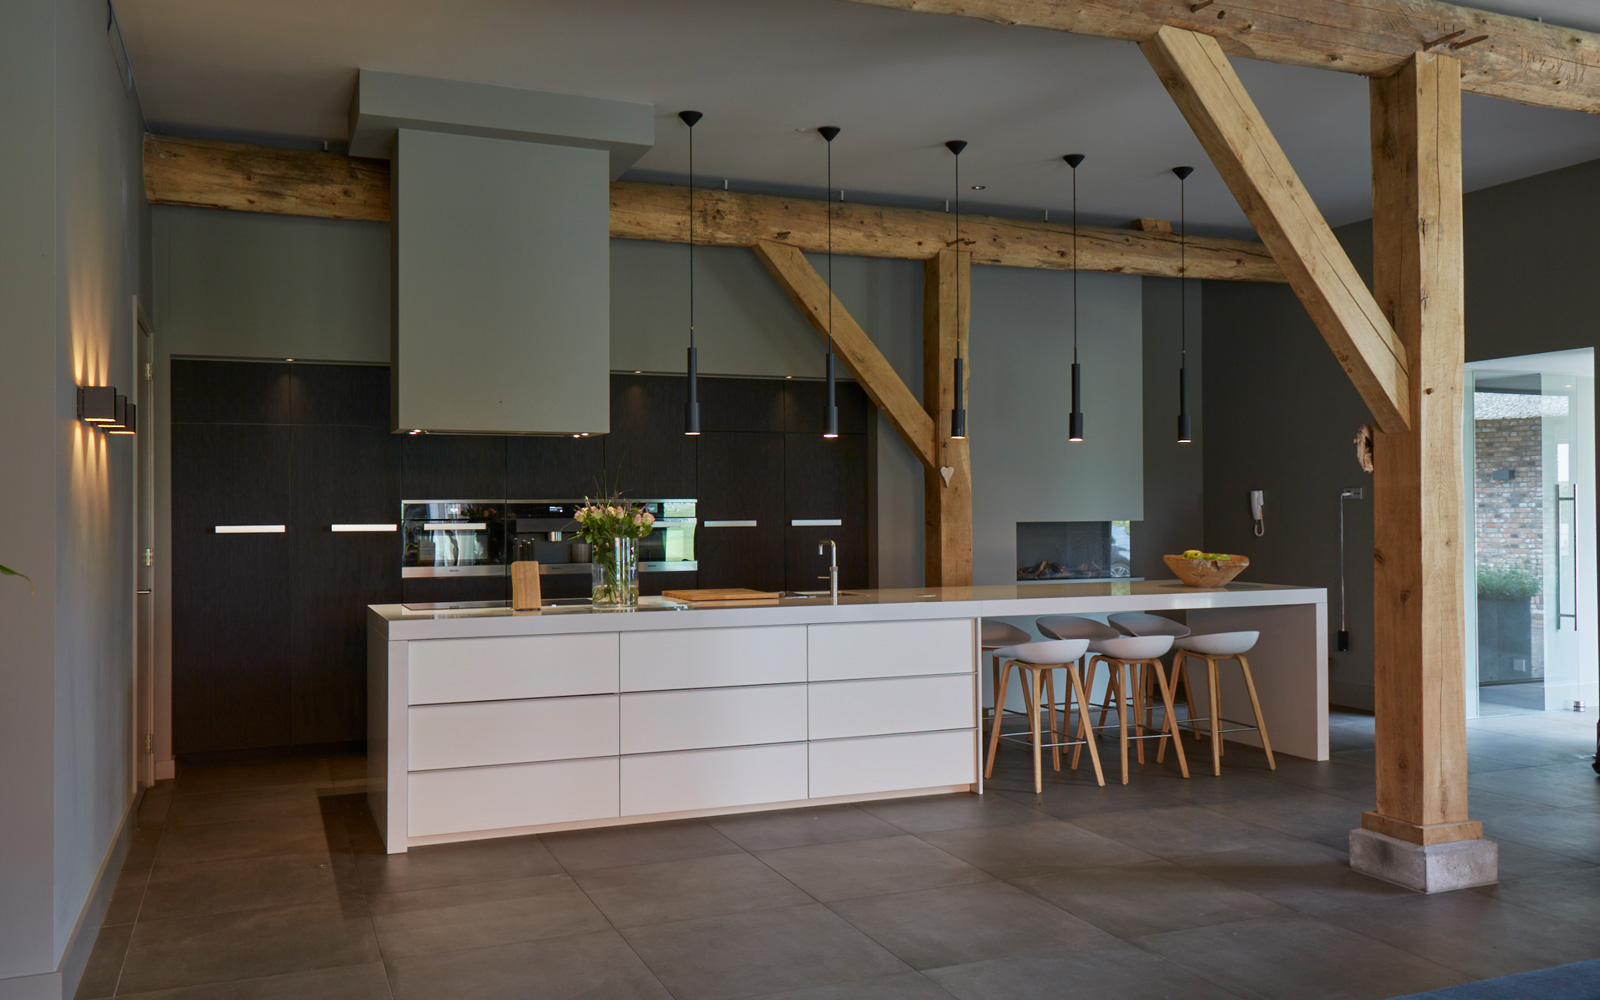 De prachtige keuken in combinatie met de tegelvloer geeft een ruimtelijk gevoel.